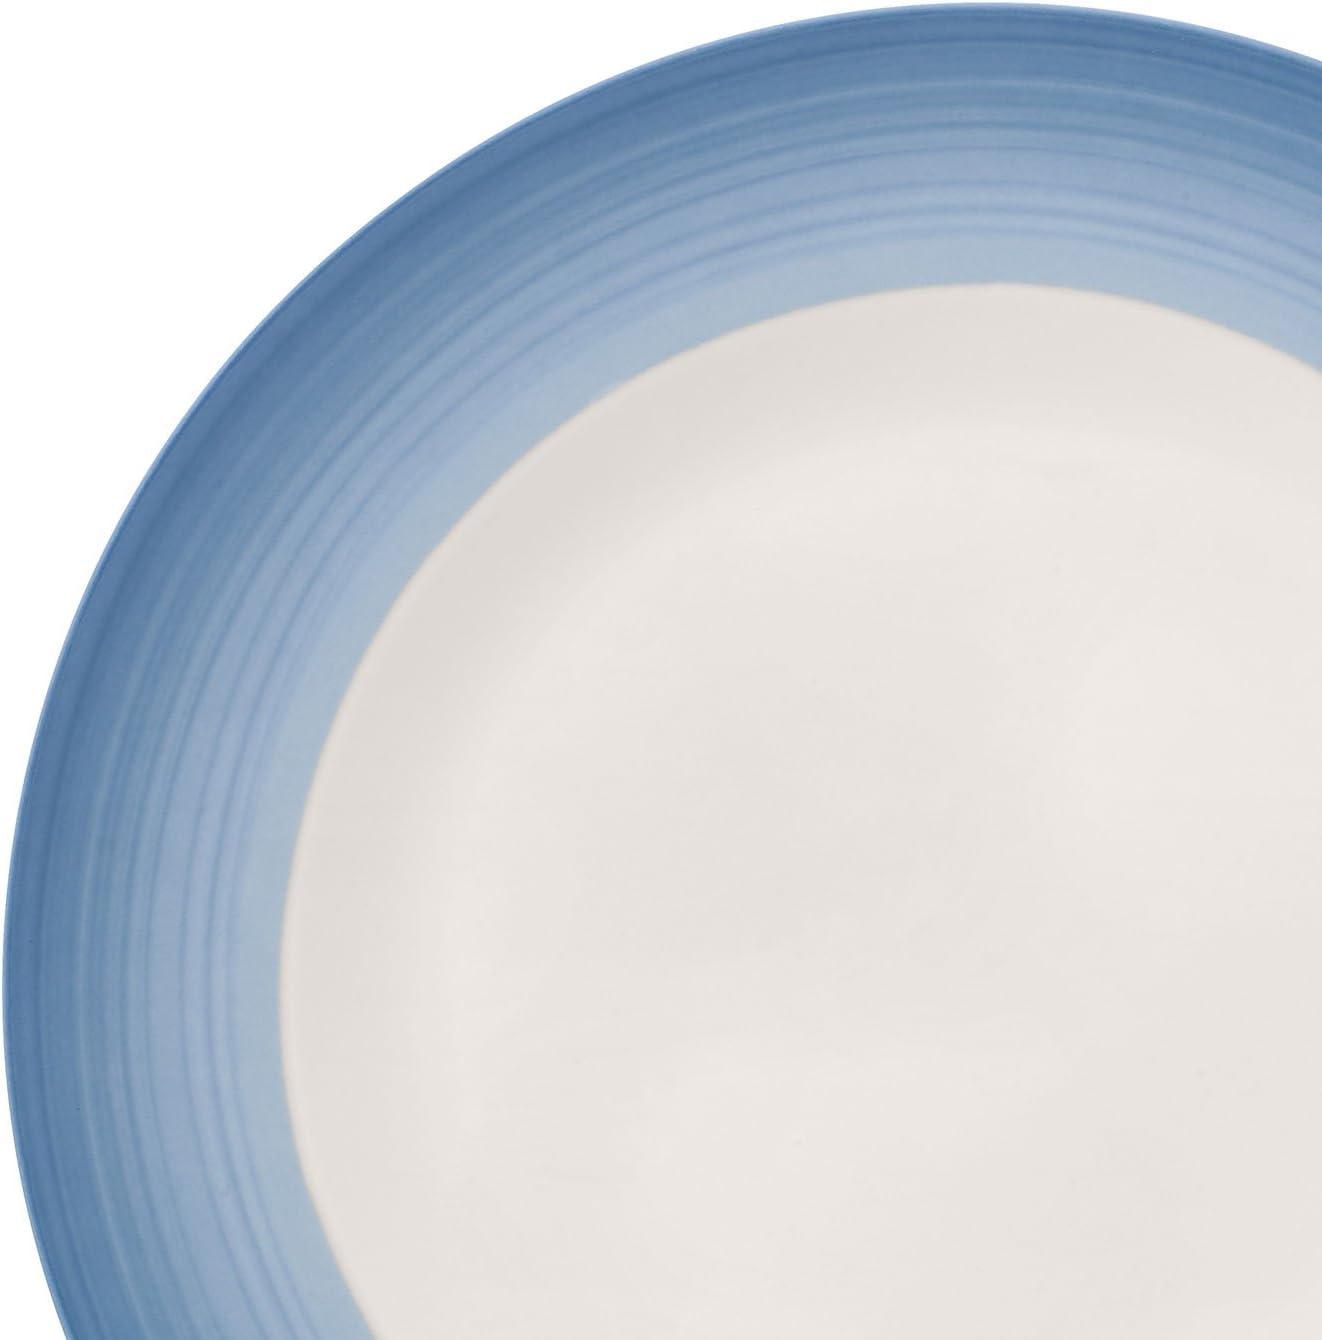 Porcelana Premium Villeroy /& Boch Colourful Life Cosy Grey Plato llano 27 cm Blanco//Gris